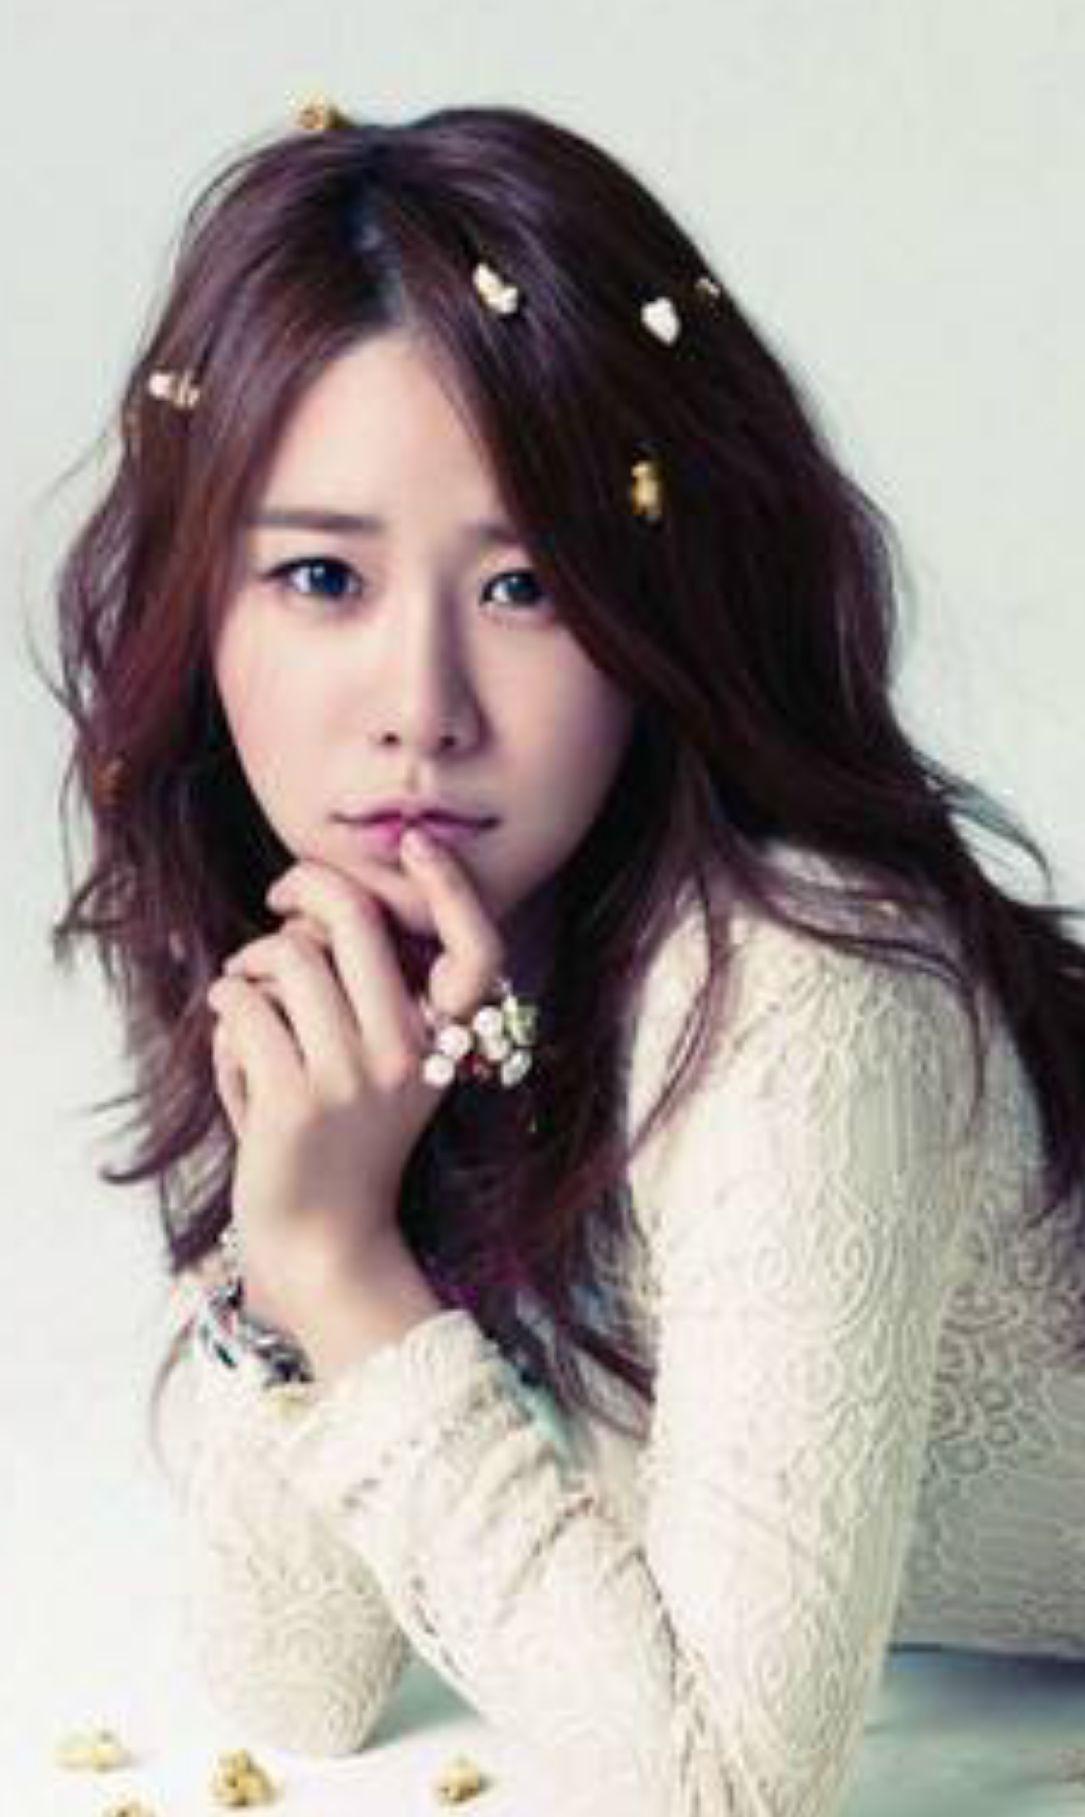 刘仁娜时尚唯美写真照,气质优雅,清新甜美